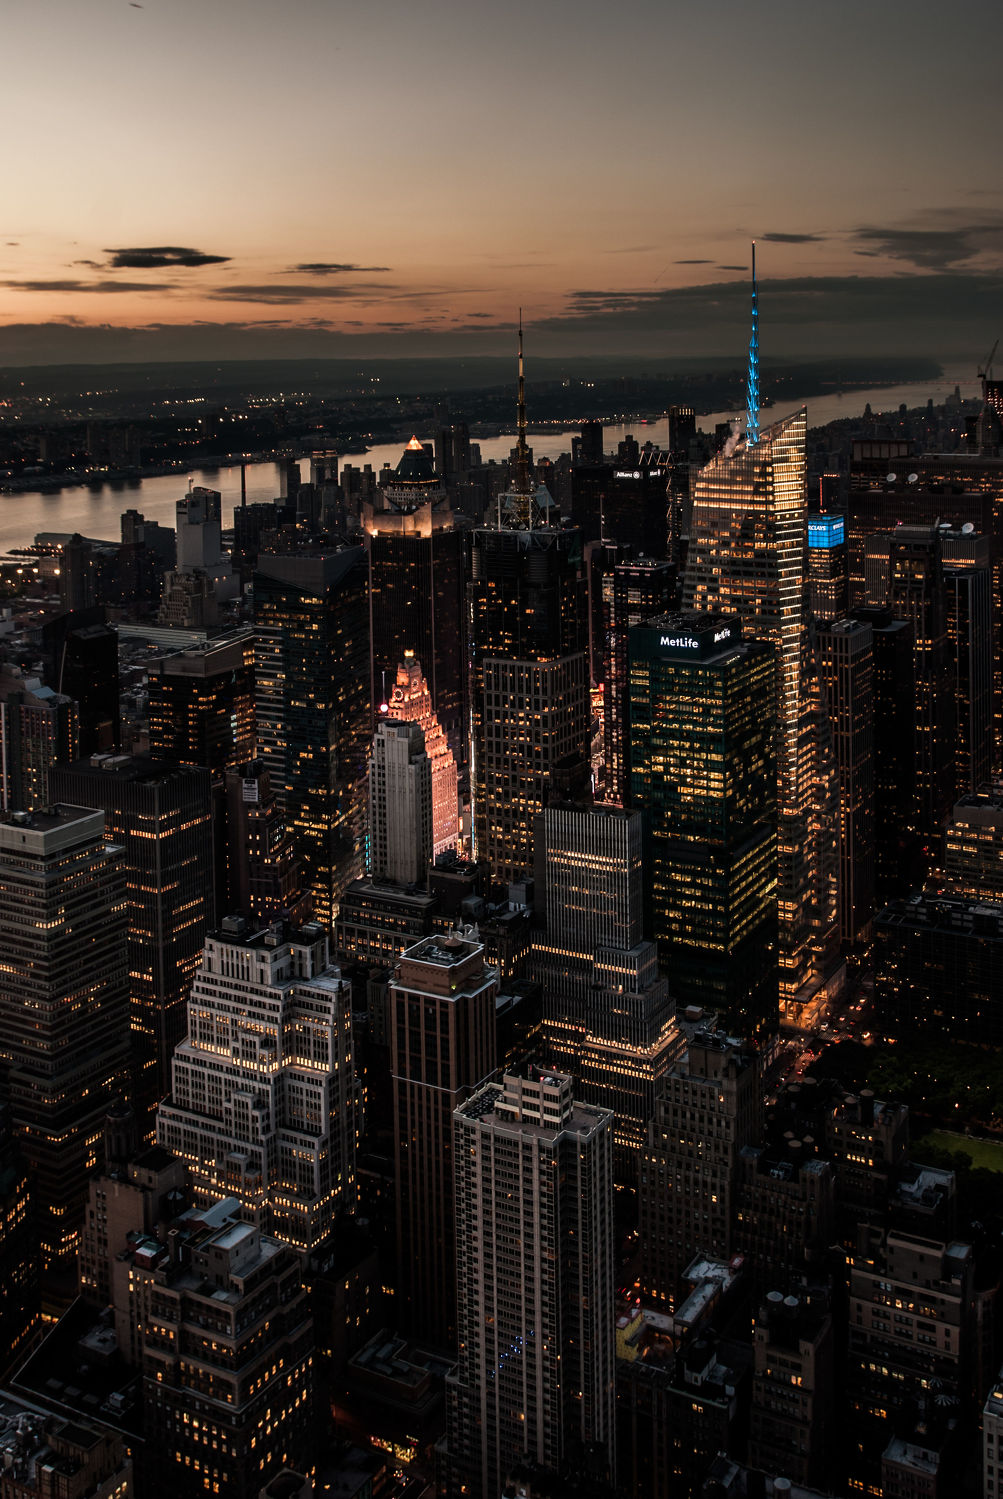 Bild mit Autos, Architektur, Straßen, Stadt, urban, New York, New York, monochrom, Staedte und Architektur, USA, schwarz weiß, hochhaus, wolkenkratzer, metropole, Straße, Hochhäuser, SW, Manhattan, Brooklyn Bridge, Yellow cab, taxi, Taxis, New York City, NYC, Gelbe Taxis, yellow cabs, 1st Ave, Times Square, high tower, big apple, big apple, traffic